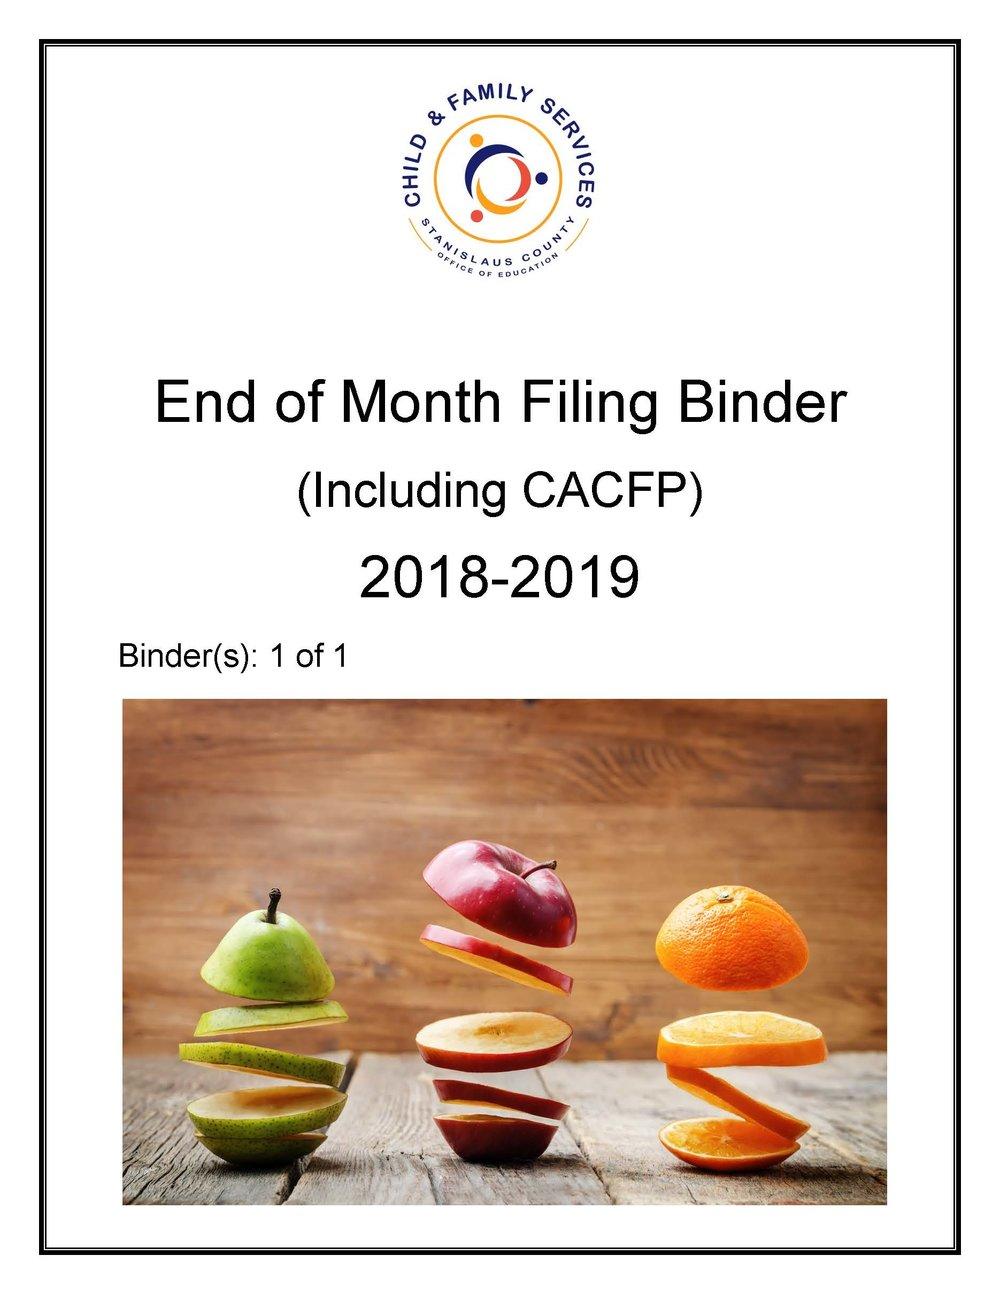 Food+Program+Binder+(3)_Page_1.jpg